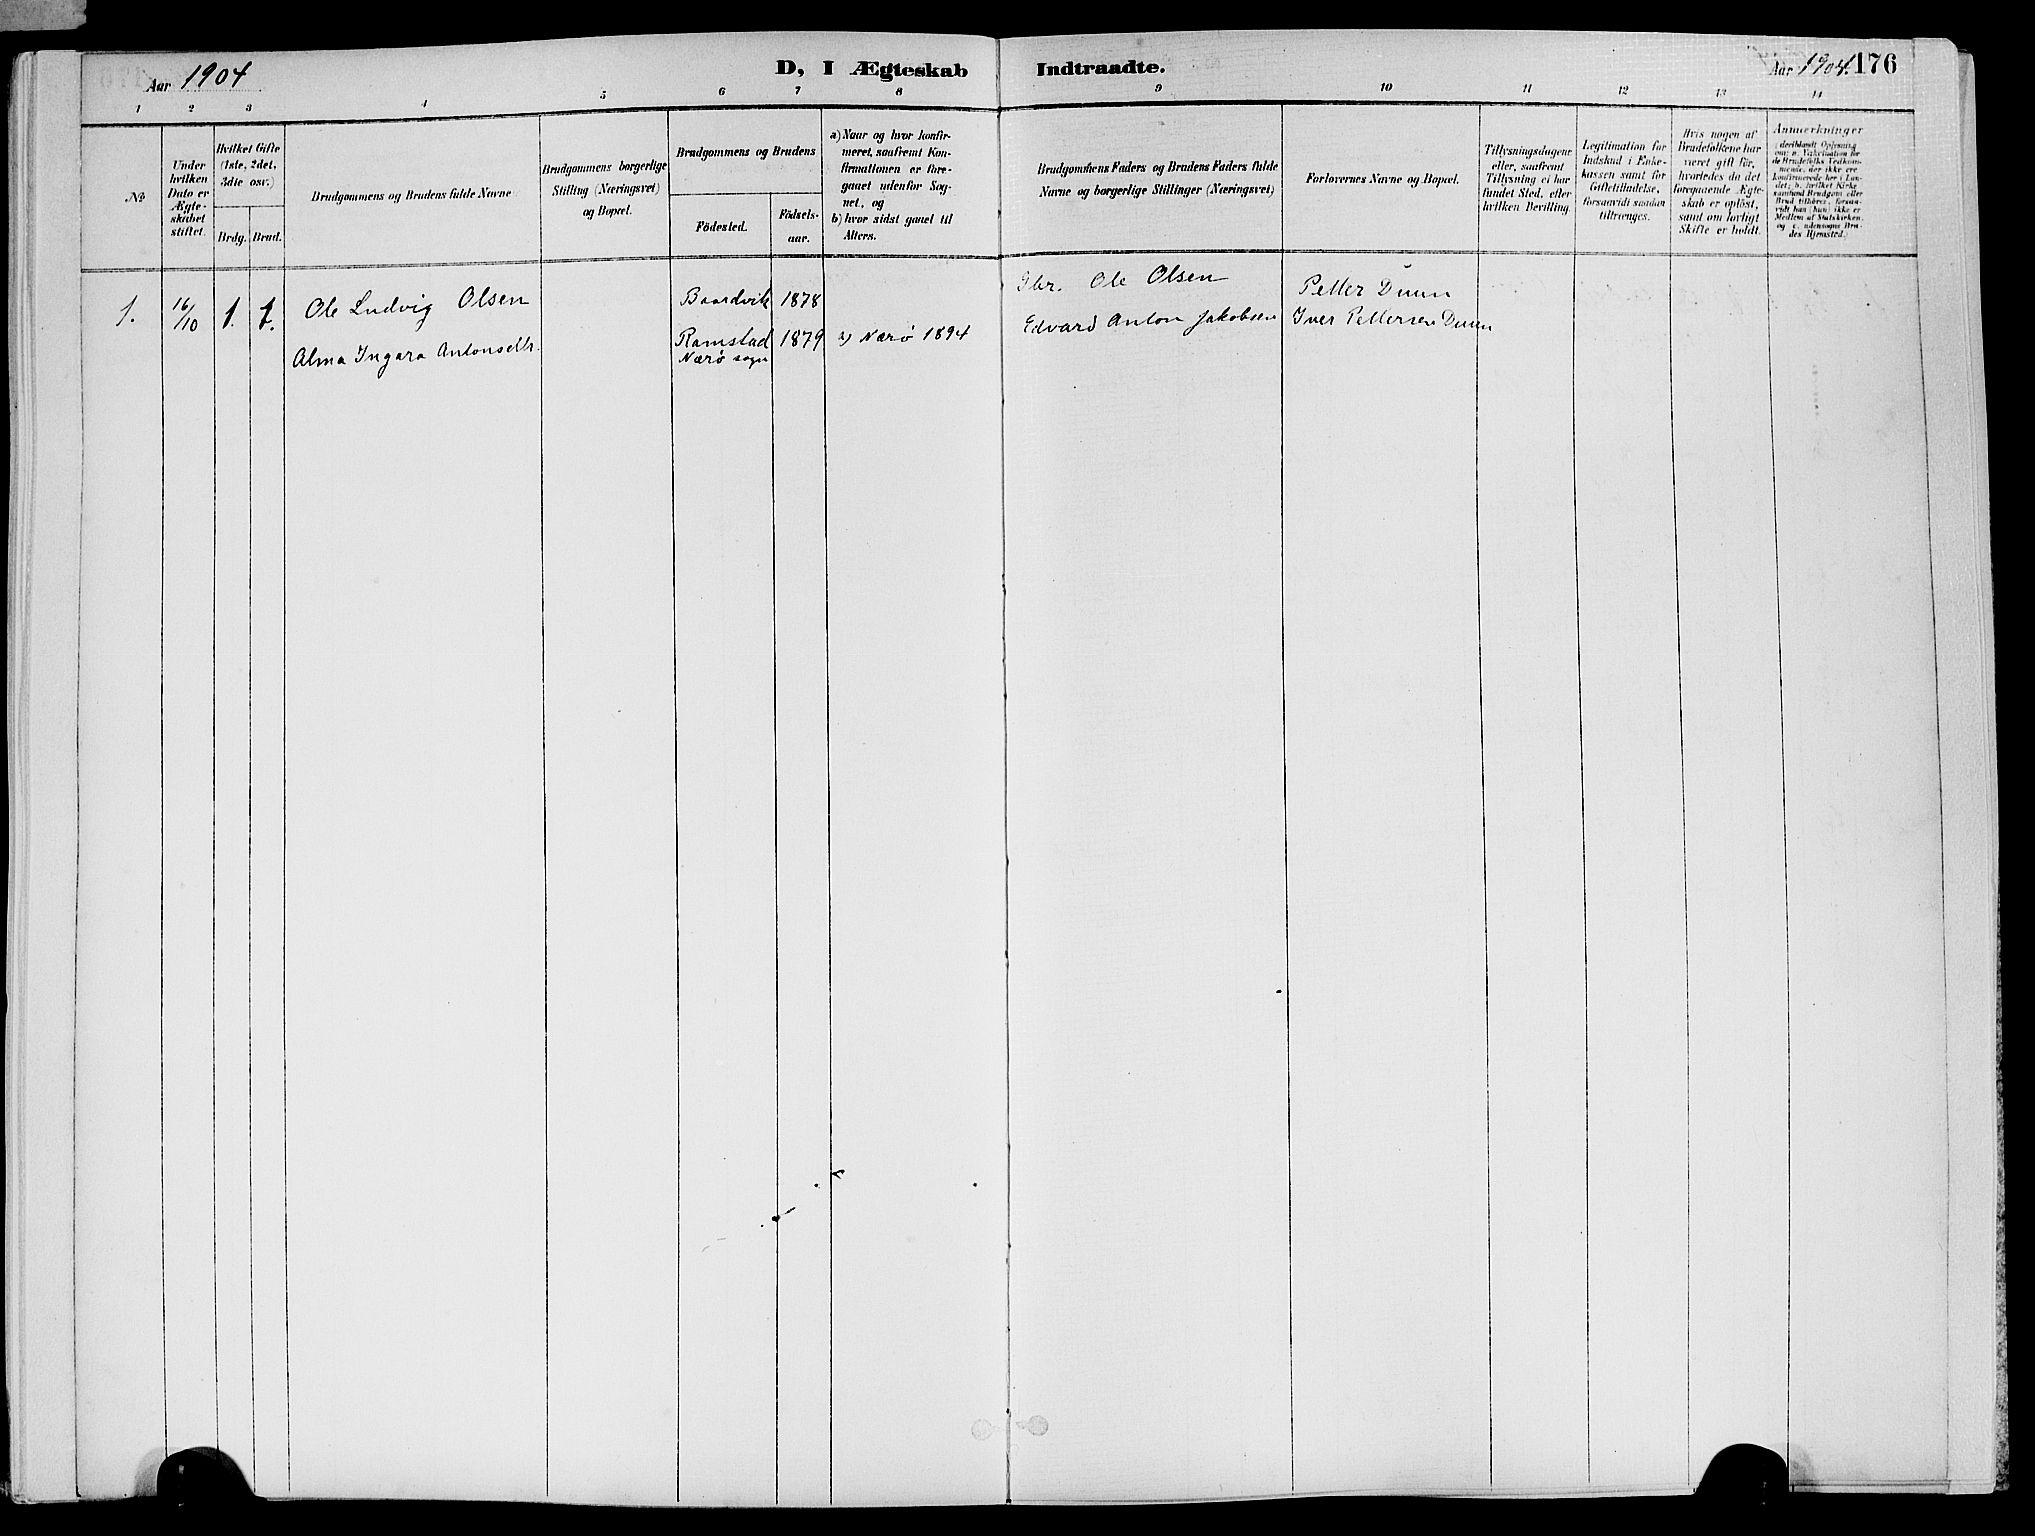 SAT, Ministerialprotokoller, klokkerbøker og fødselsregistre - Nord-Trøndelag, 773/L0617: Ministerialbok nr. 773A08, 1887-1910, s. 176